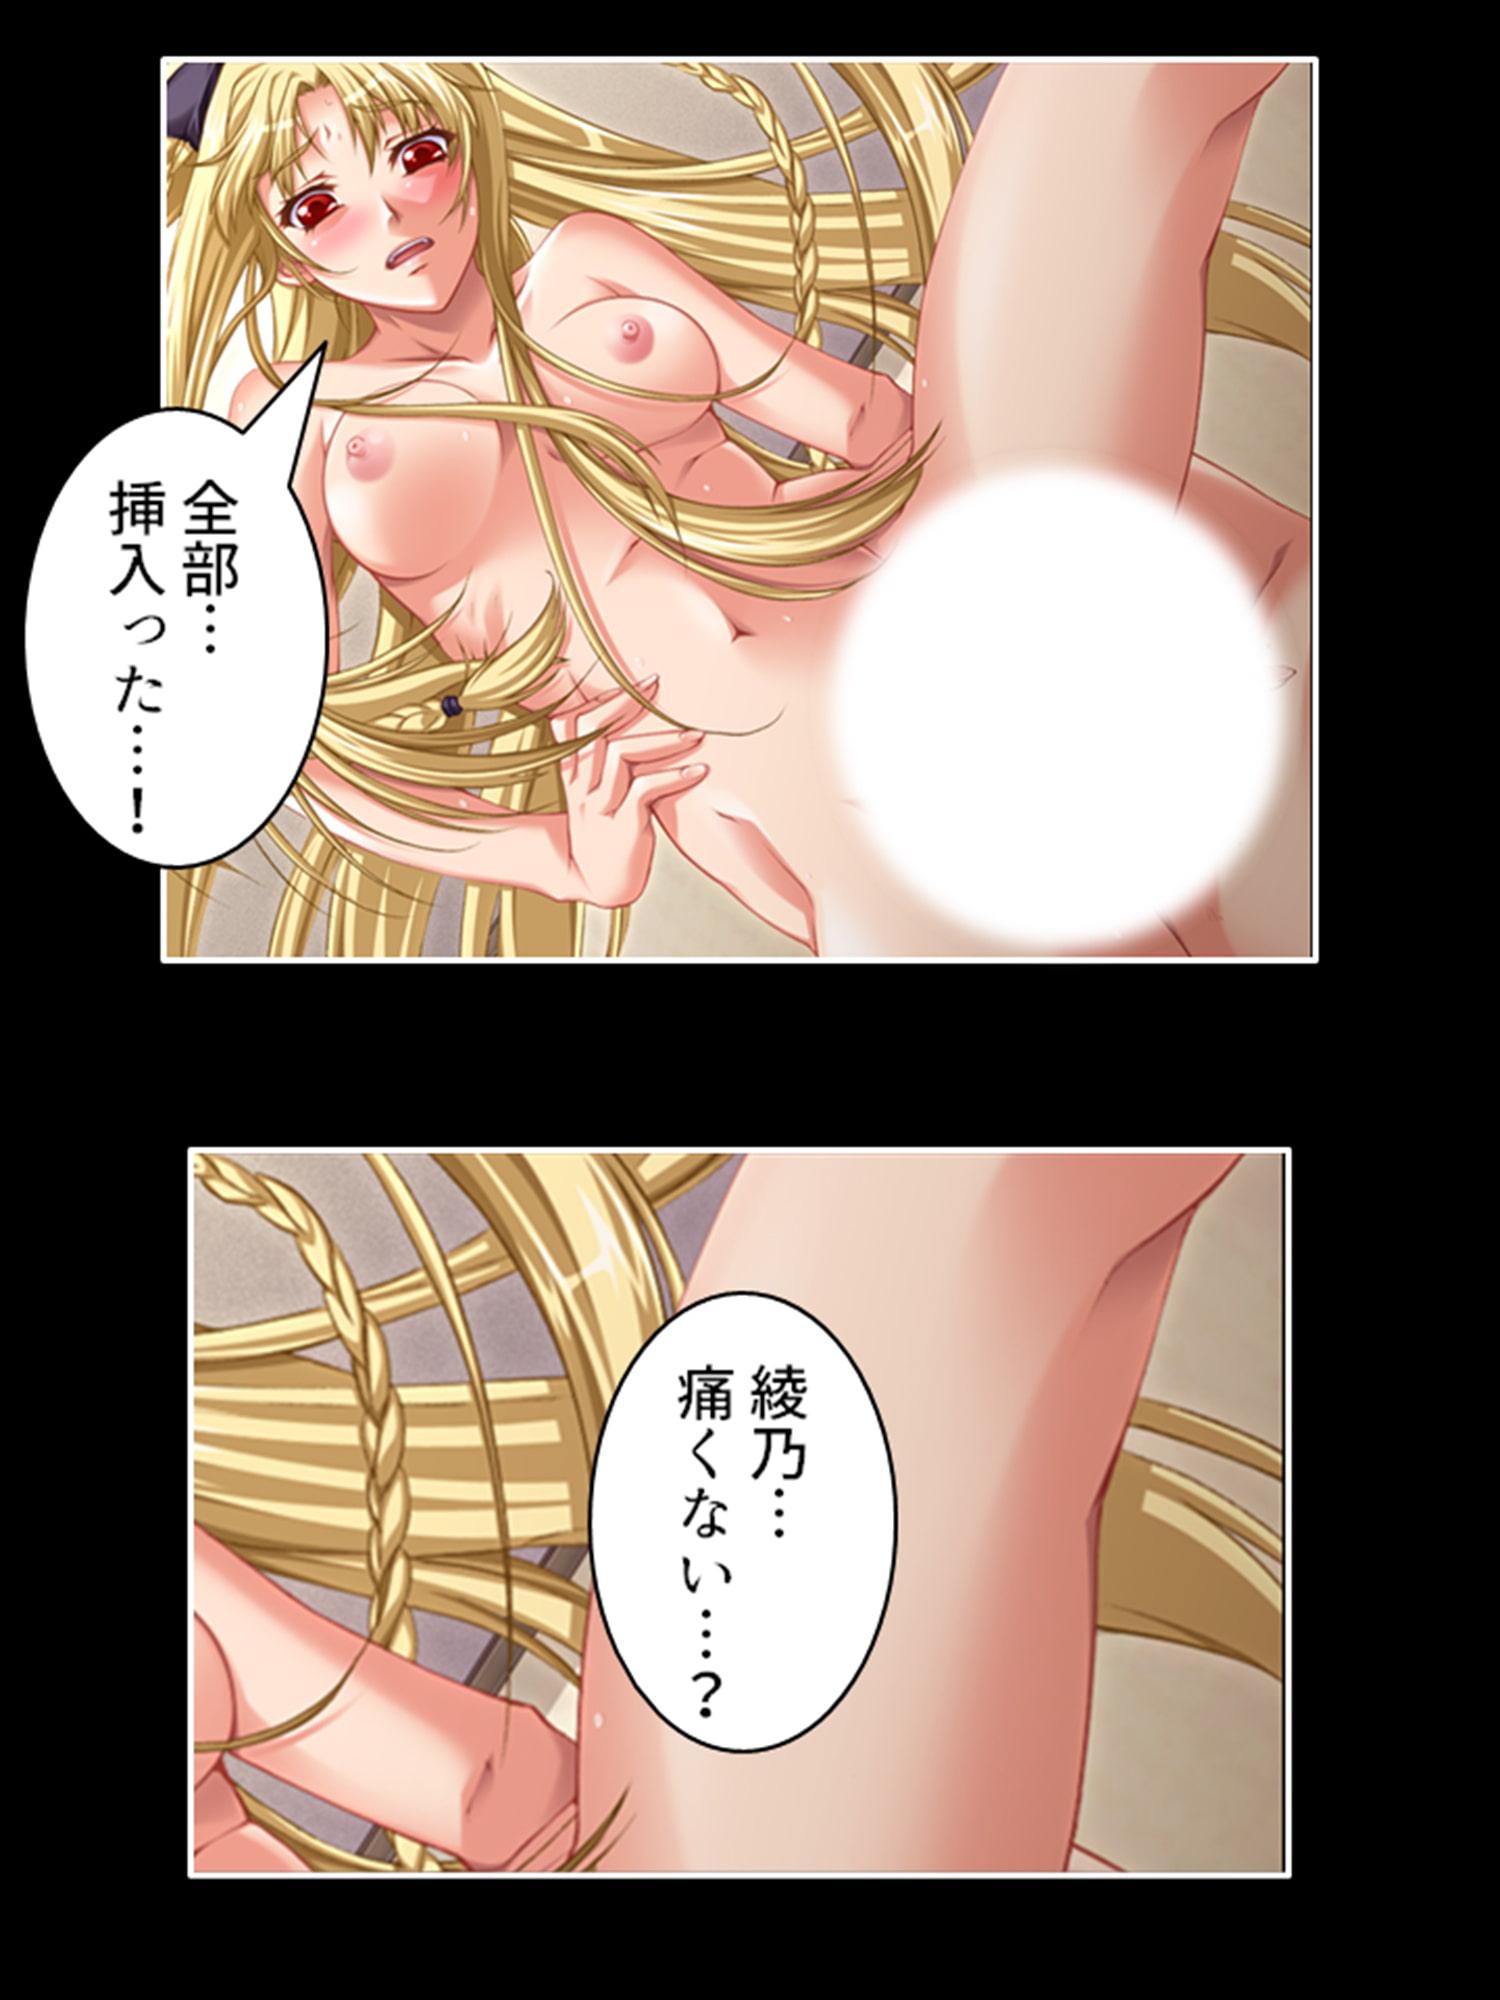 欲求不満の麗子と綾乃は、母娘で僕の巨根を狙ってる! 2巻